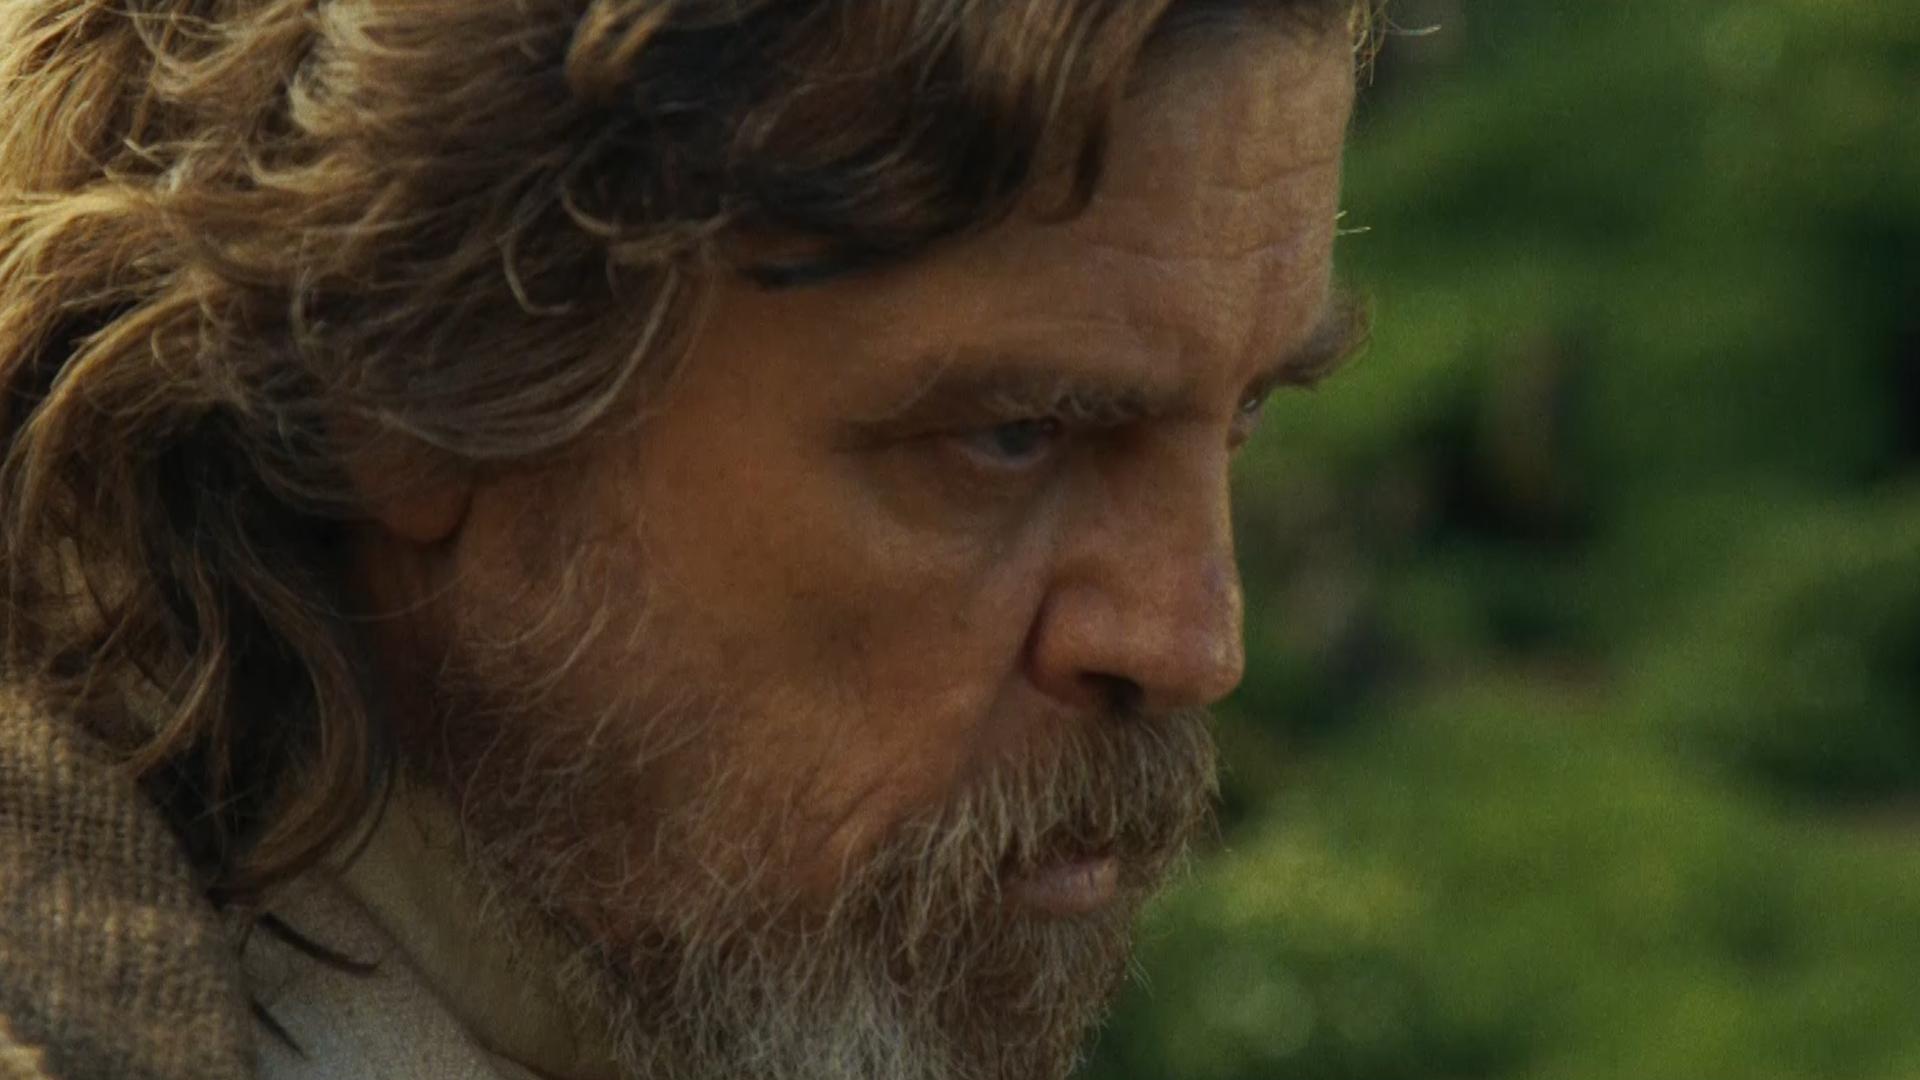 Mark Hamill's return as Luke Skywalker in 'The Last Jedi' is a revelation